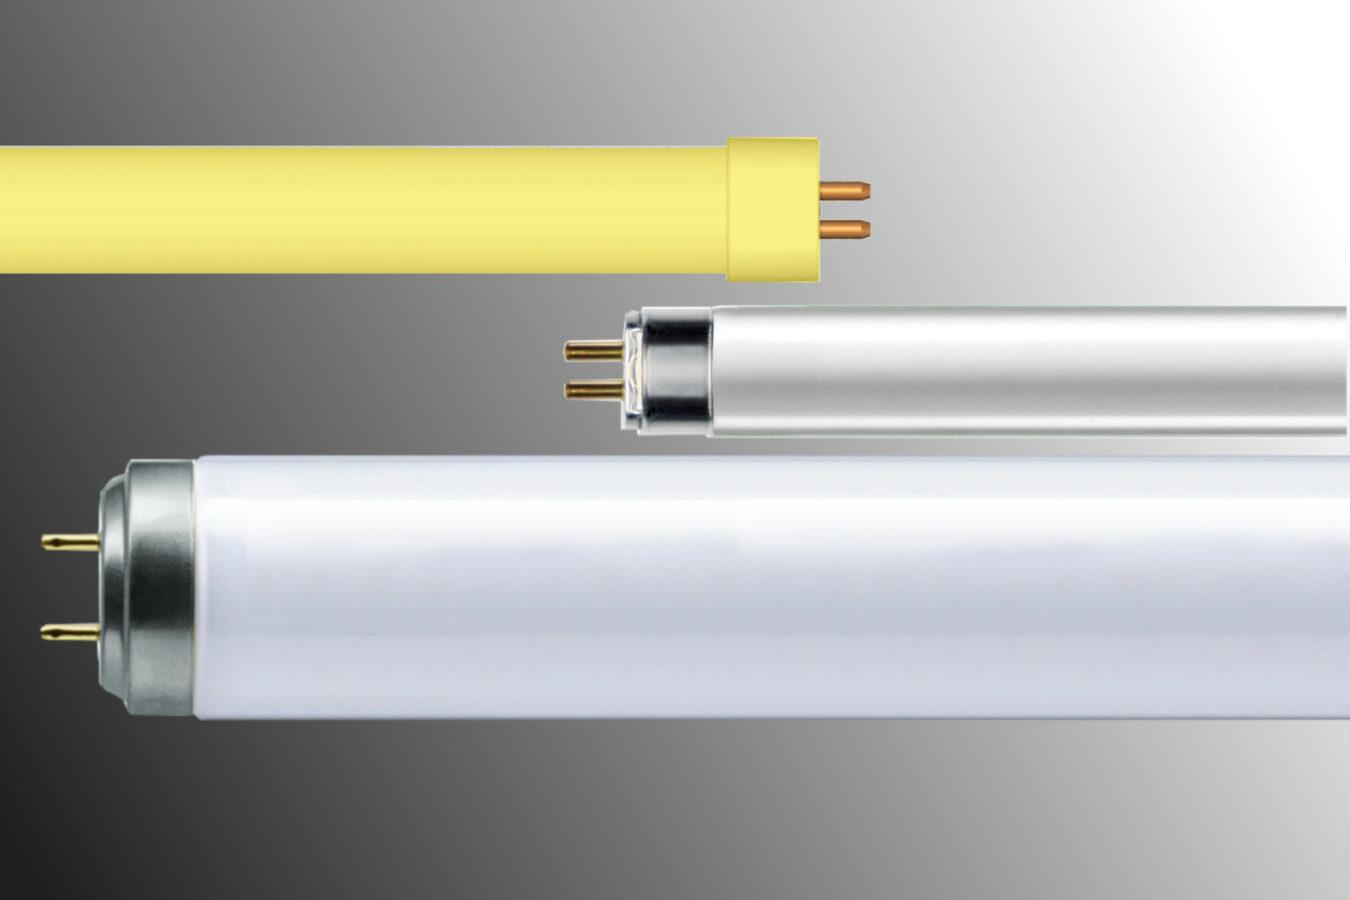 NARVA Lichtquellen GmbH + Co. KG Leuchtstofflampen